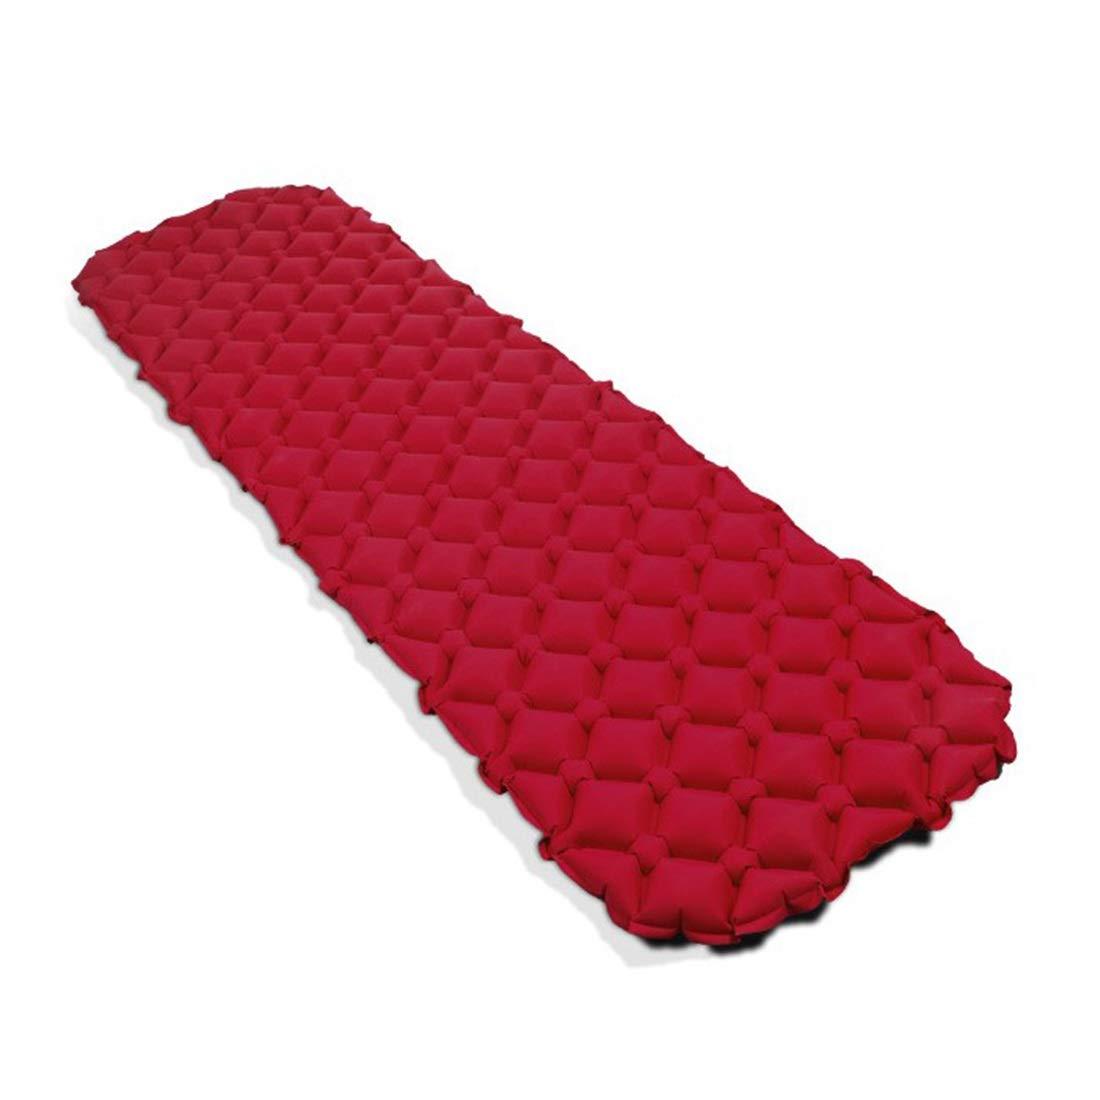 Jakiload Camping Zelt Isomatte-Outdoor feuchtigkeitsdichten Automatische Aufblasbare Pad PVC Automatische Aufblasbare Pad (Farbe : Orange)